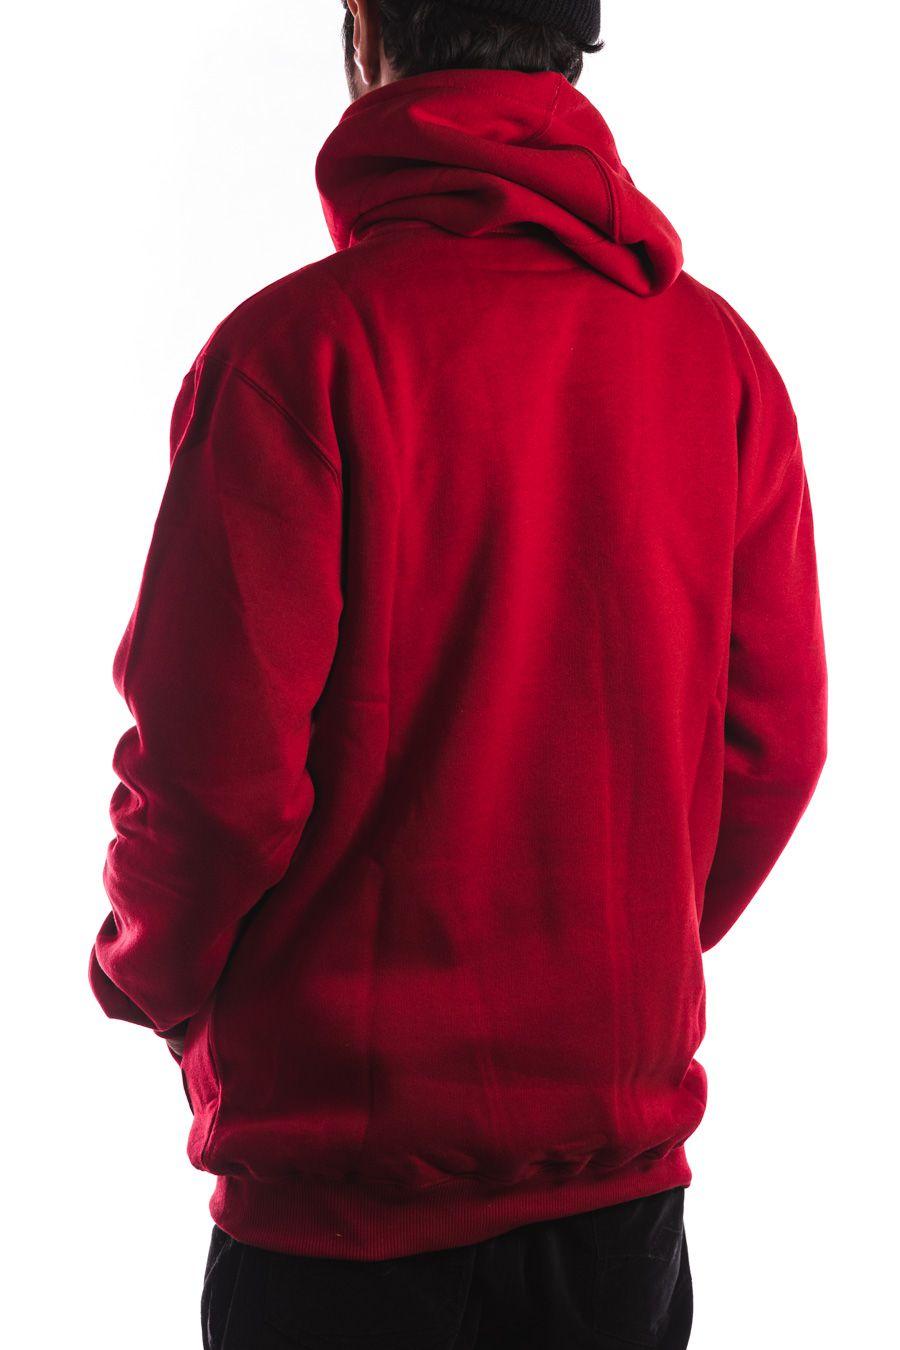 Moletom Lakai com capuz Logo Vermelho